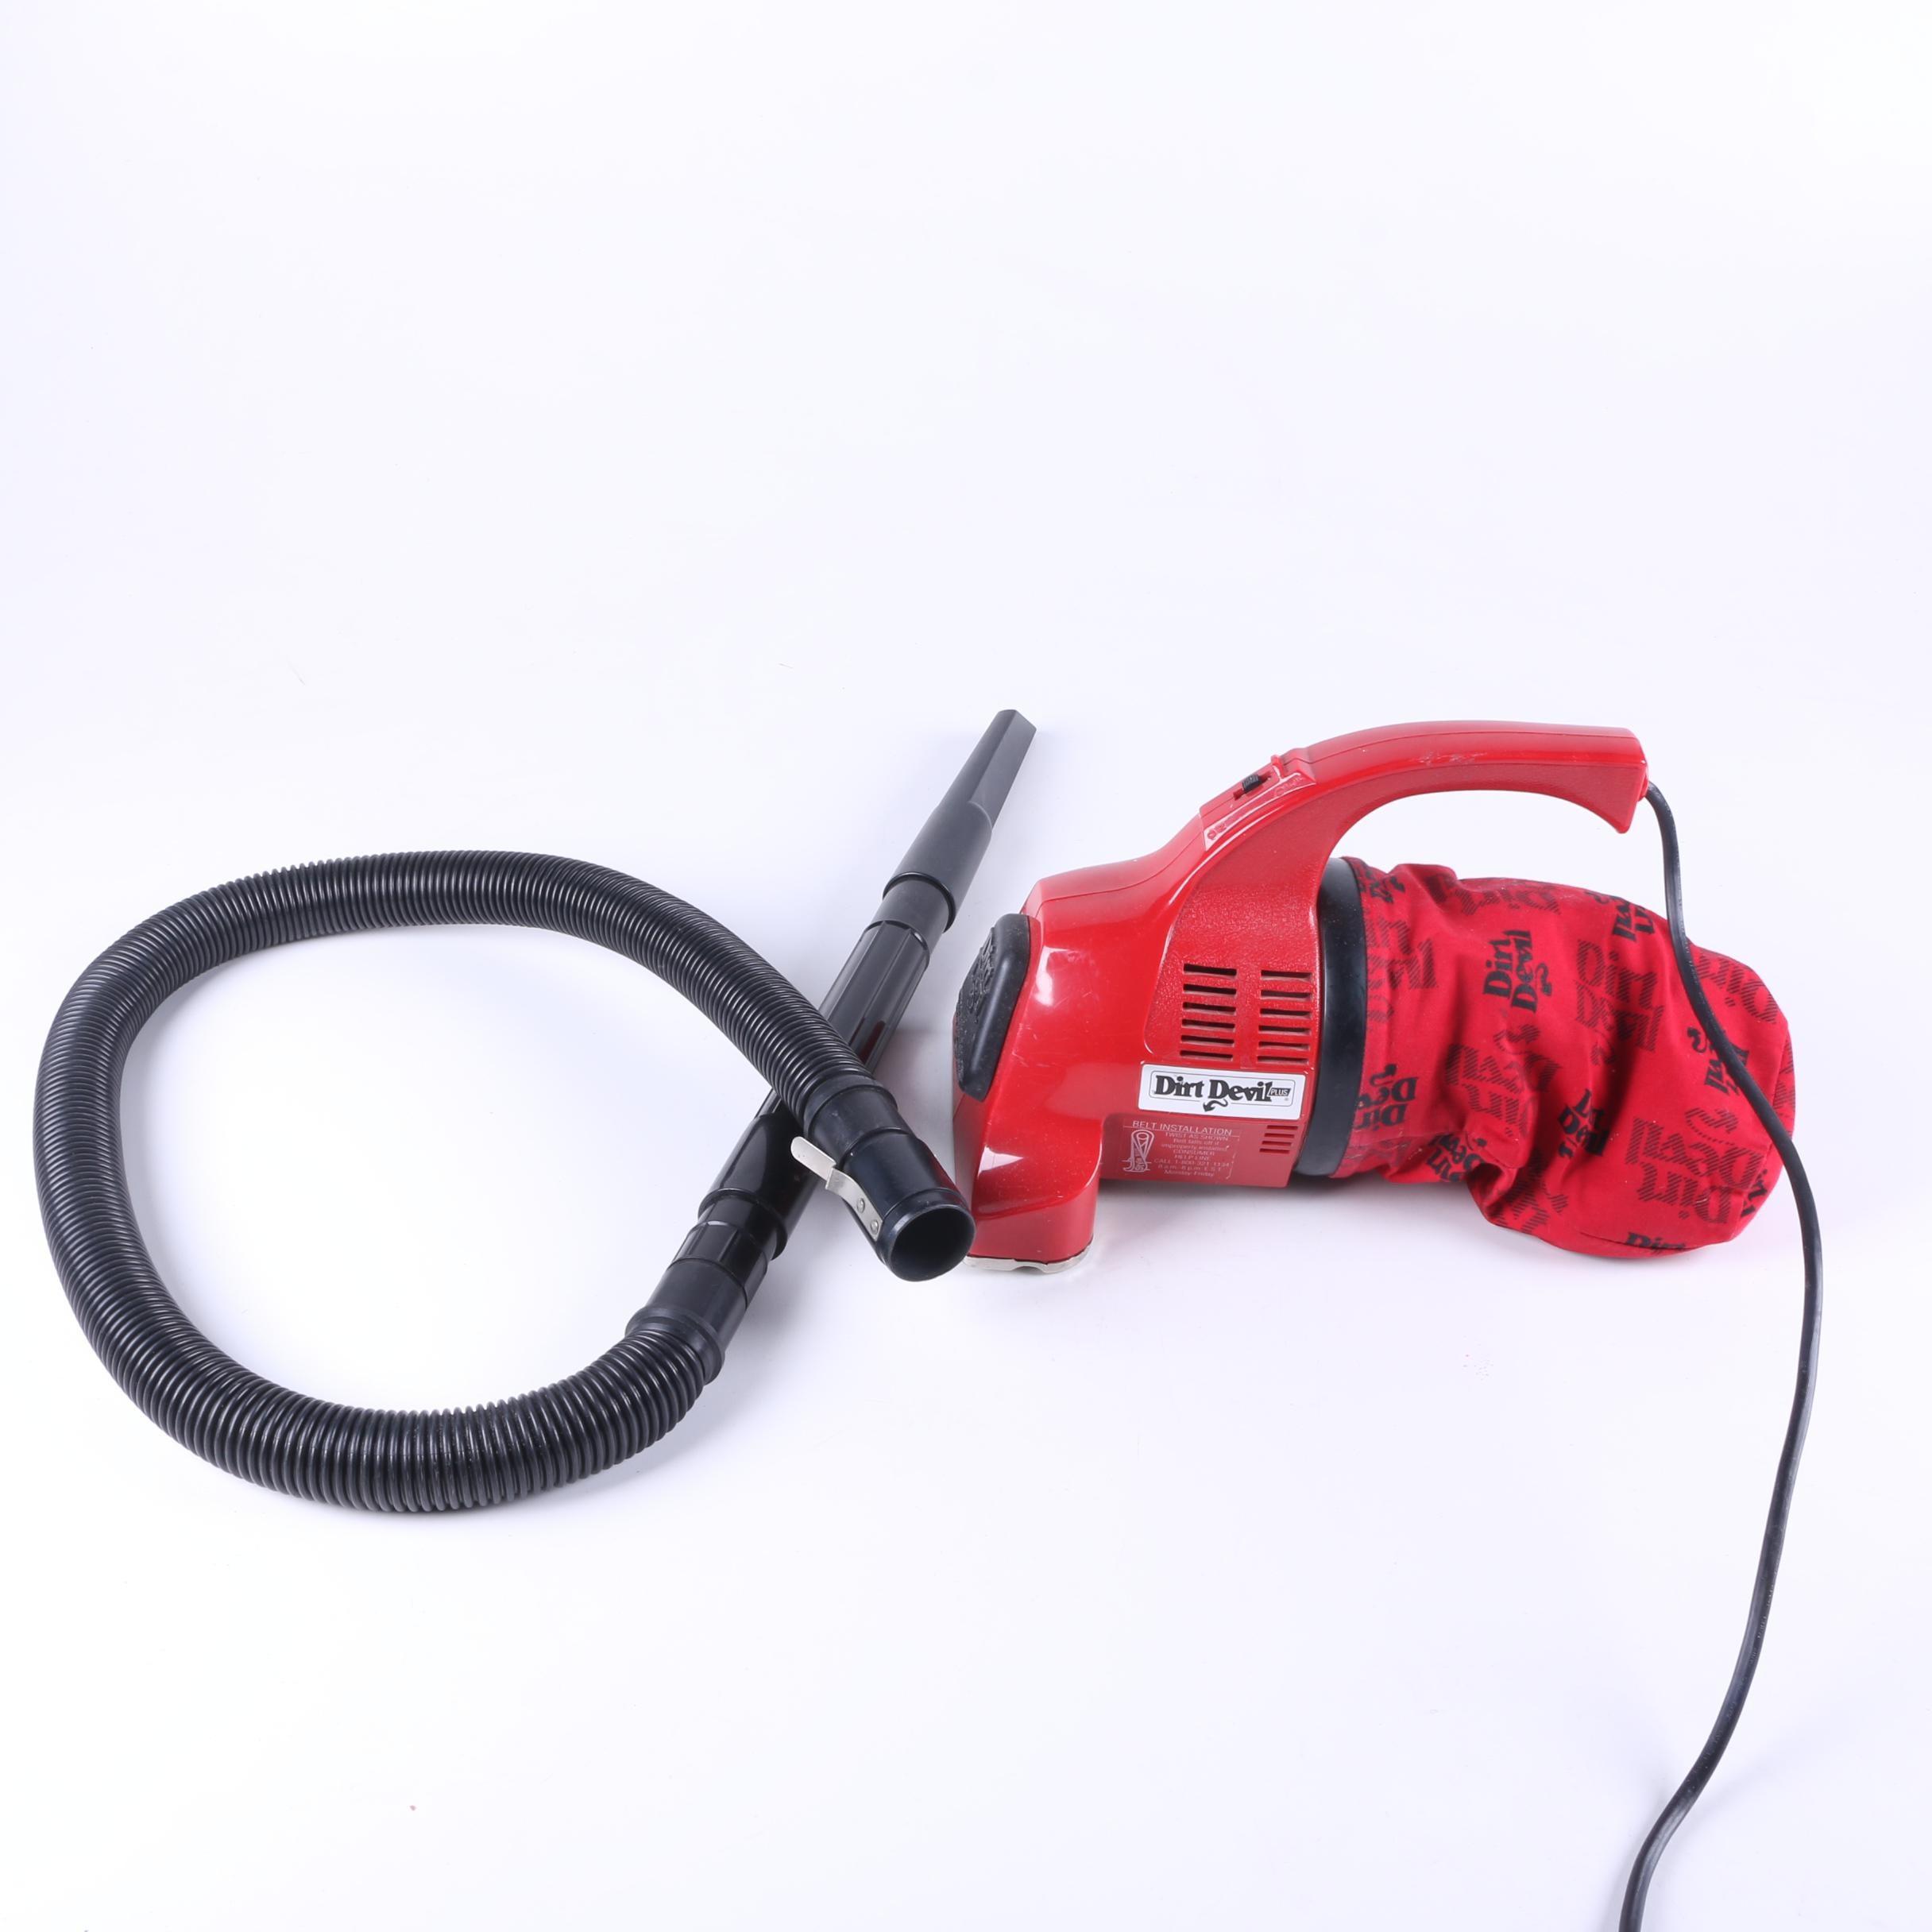 Royal Dirt Devil Handheld Vacuum